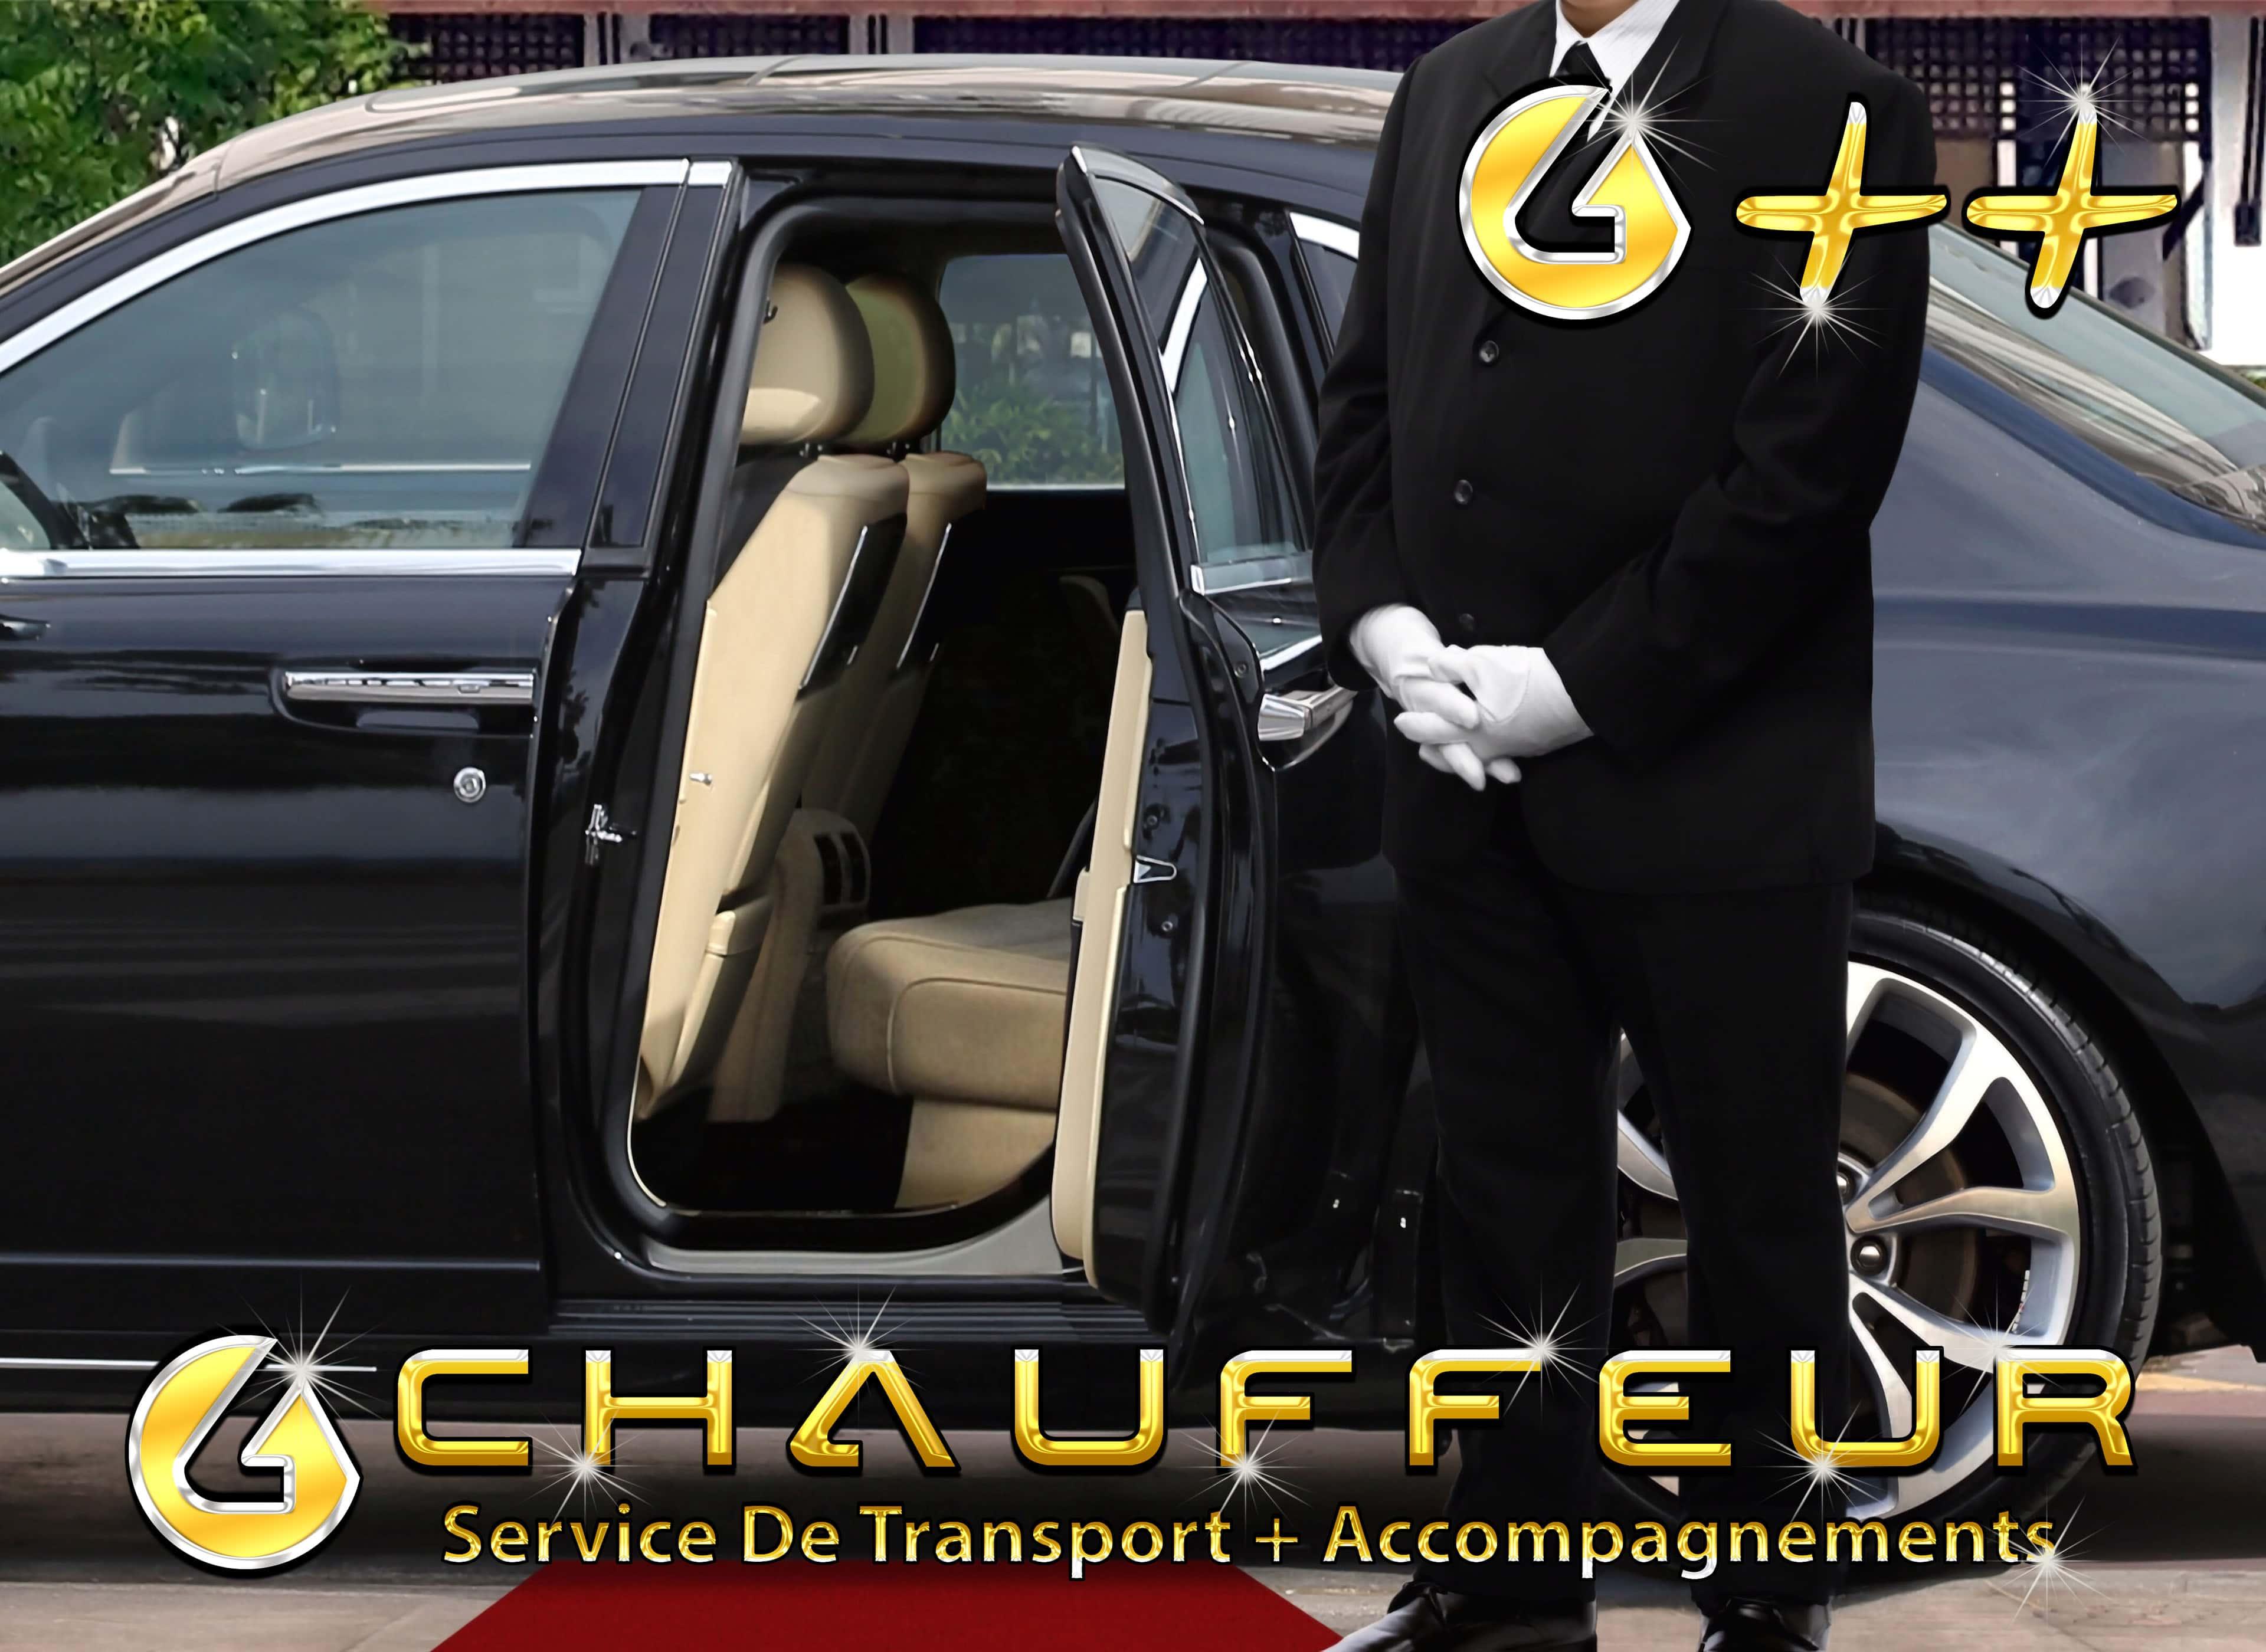 Absolu-Chauffeur-Absolu++-Service-De-Transport-Et-Accompagnements-FR-4K